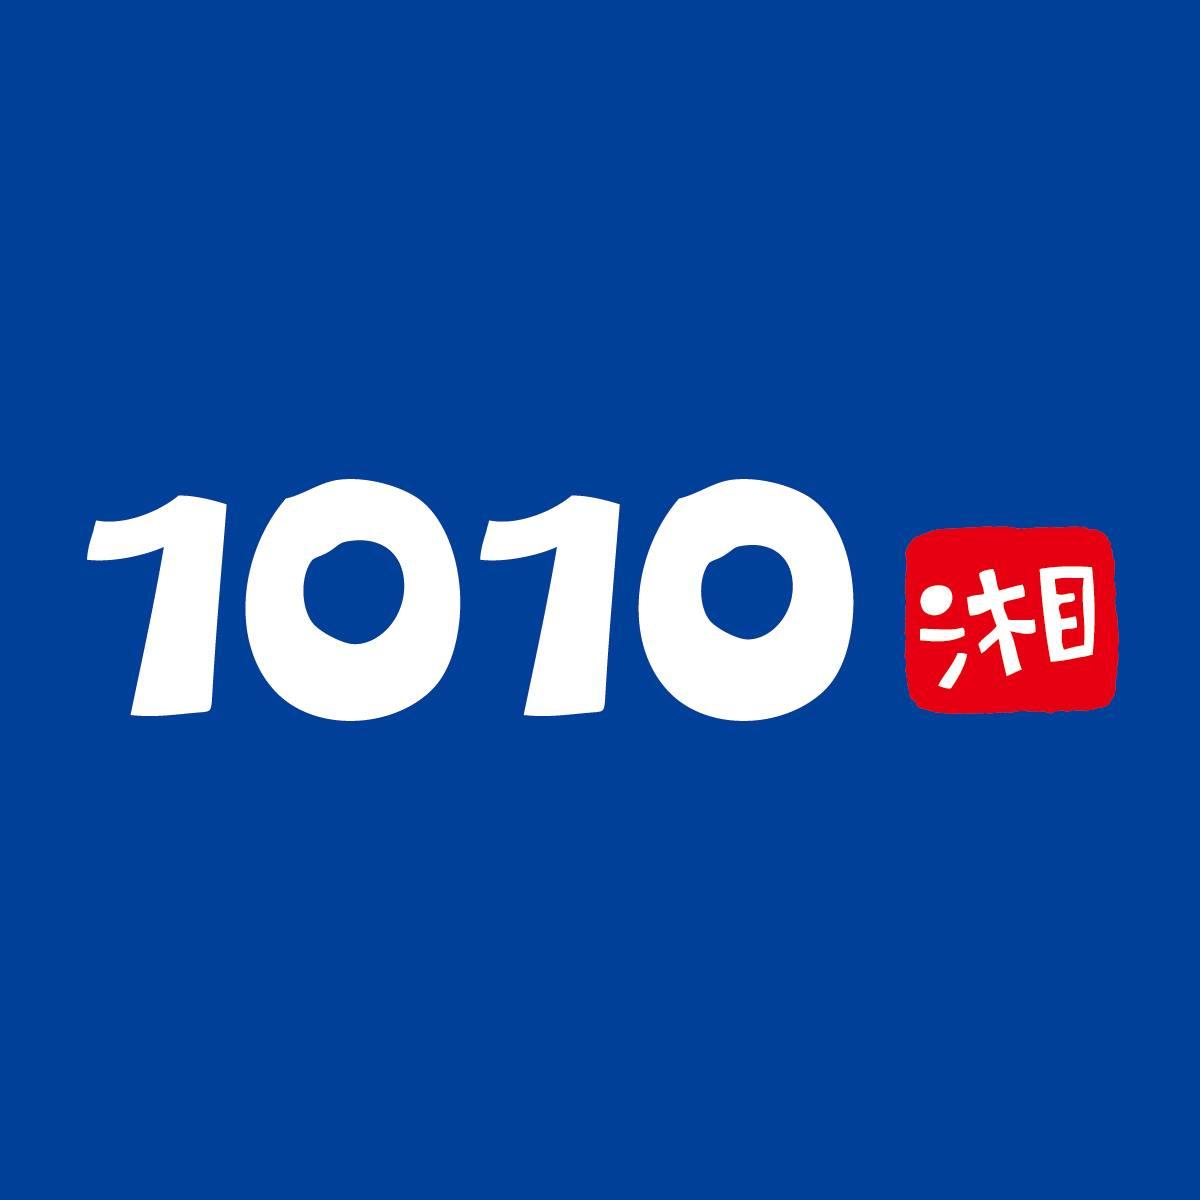 【菜單】1010湘菜單|2021年價目表|分店據點|1010湘 – HuNan Cuisine 最道地的湖南菜